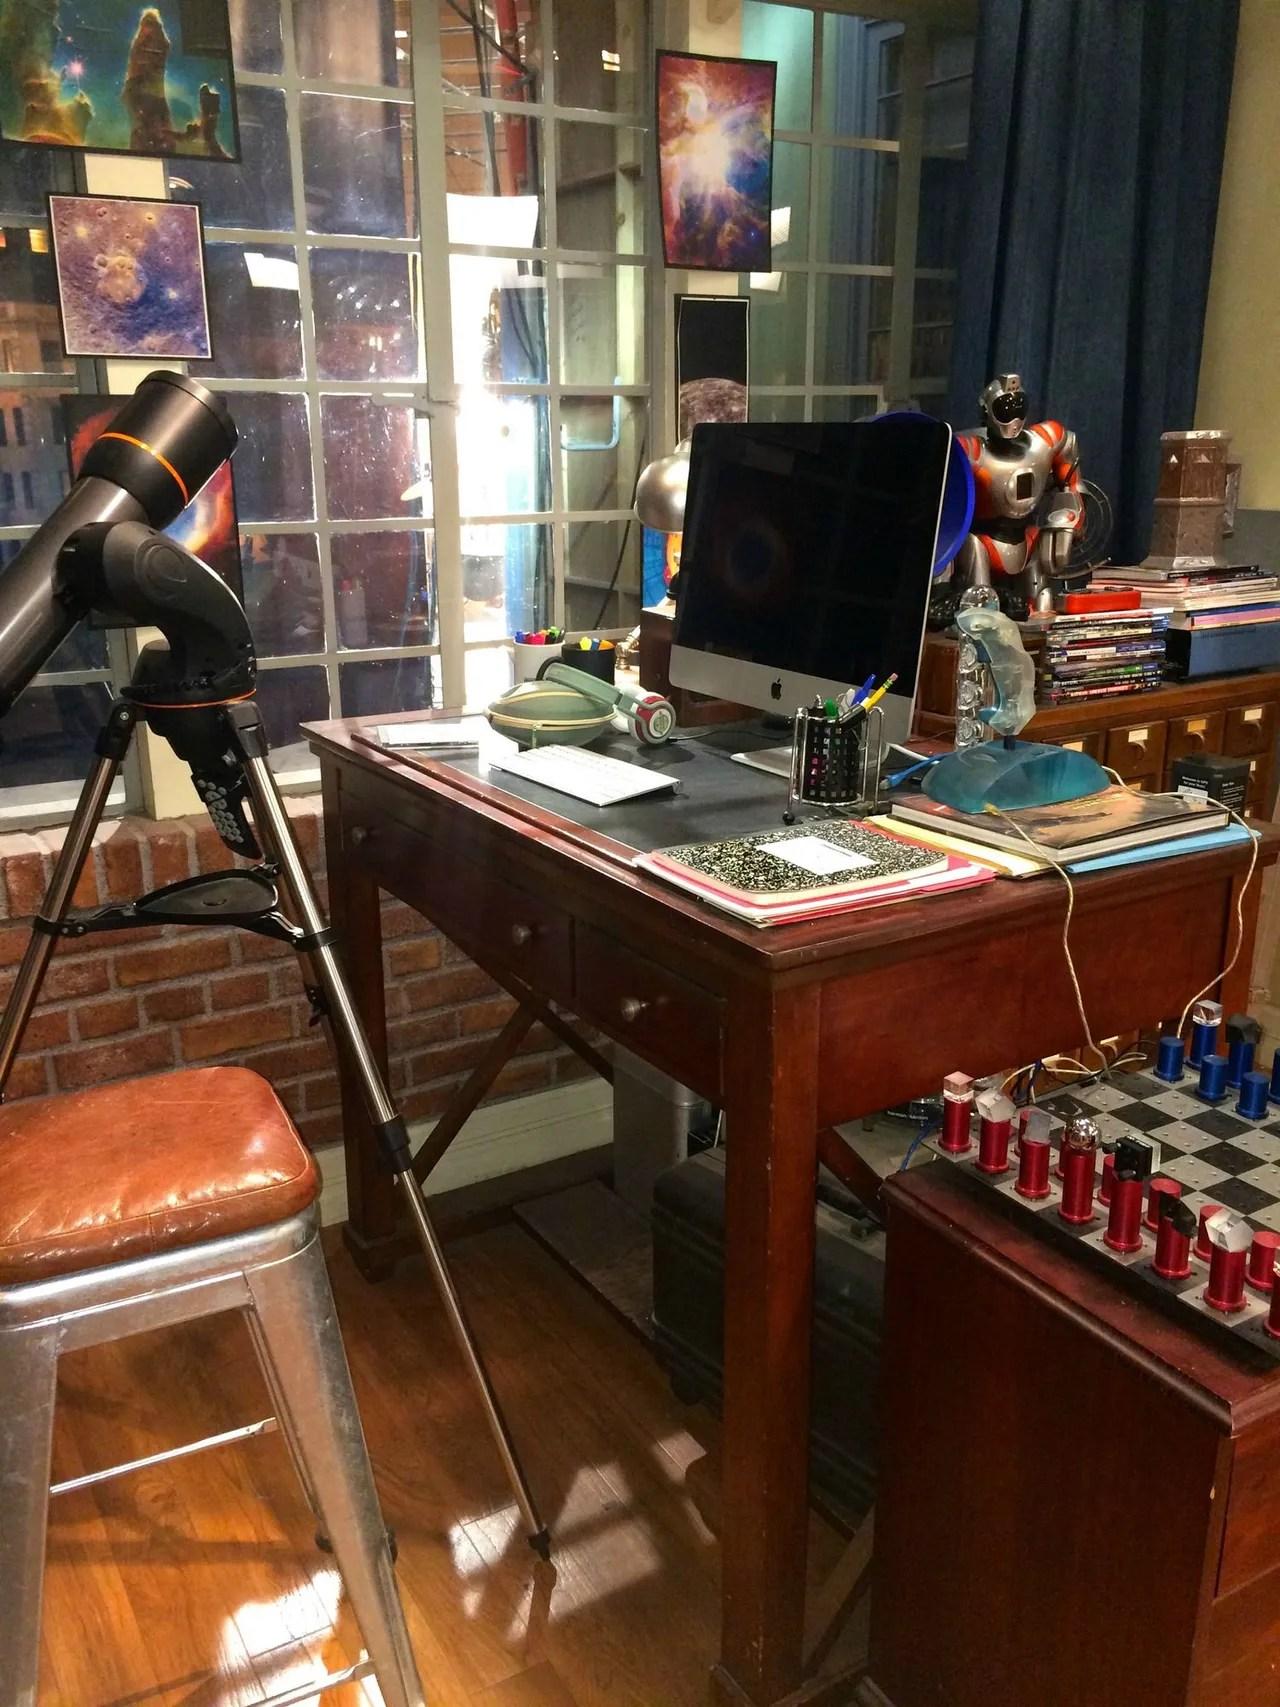 The Big Bang Theory BehindtheScenes Set Photos and